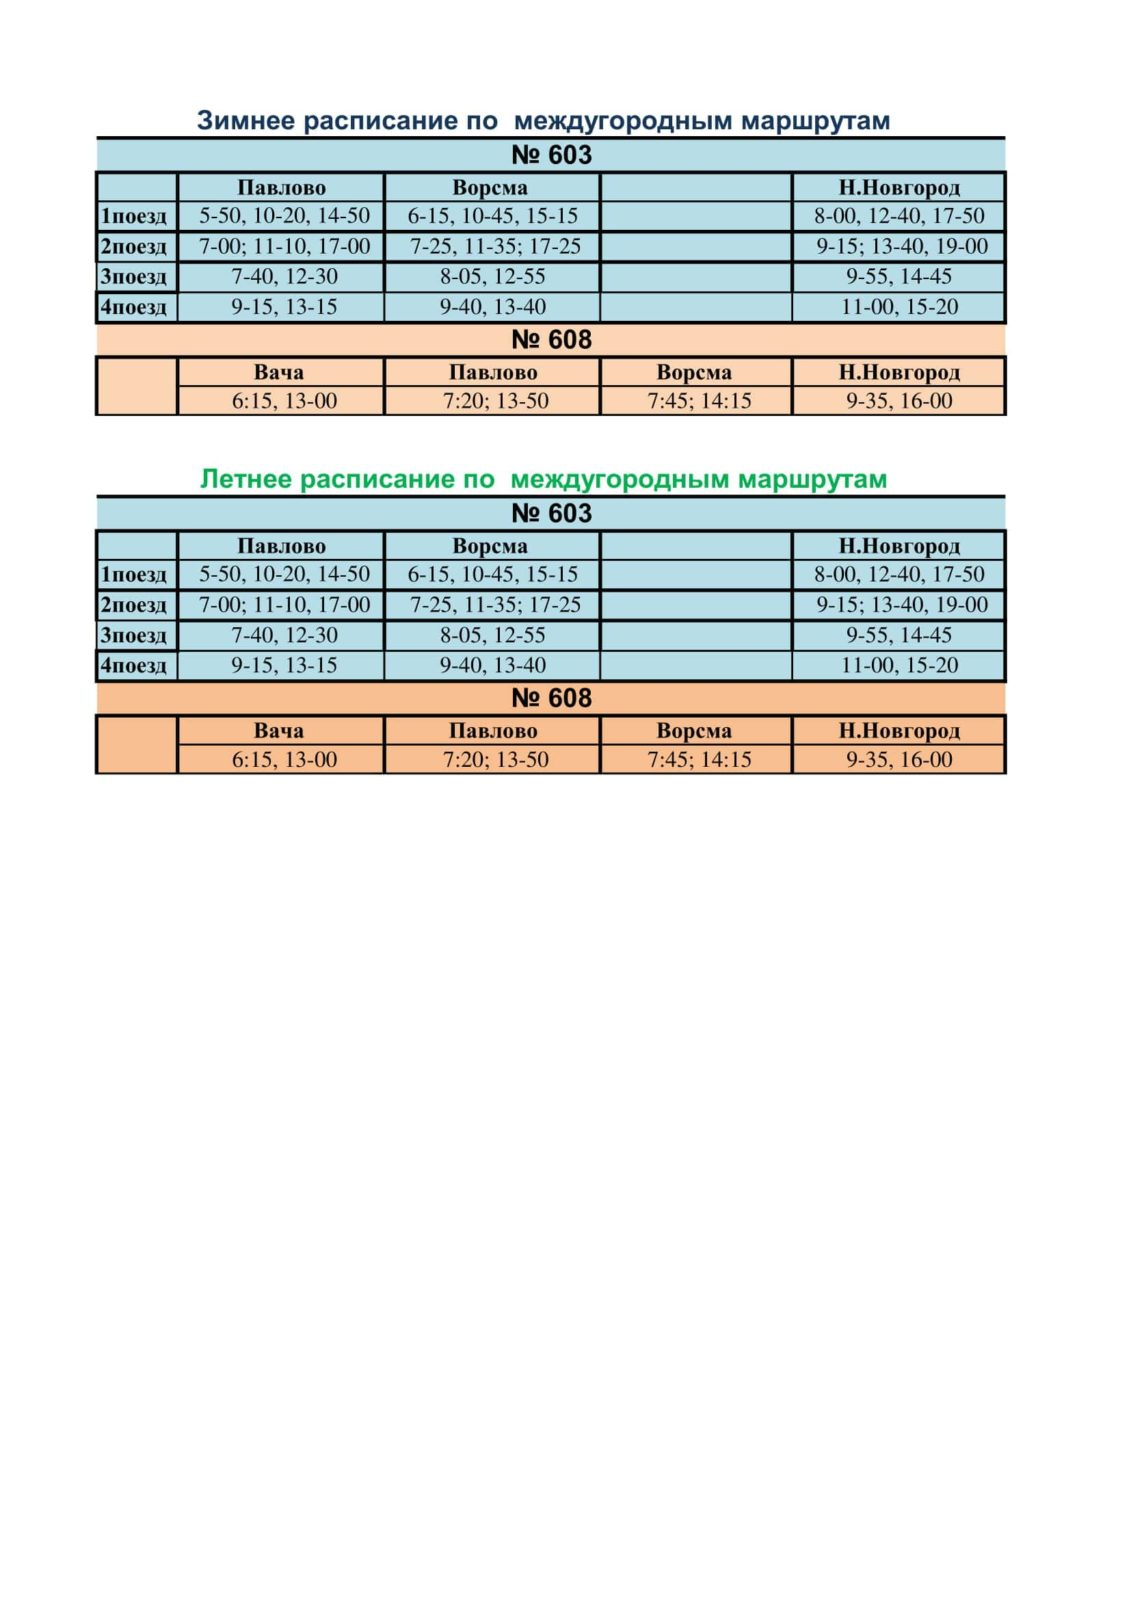 Расписание междугородных маршрутов г. Павлово